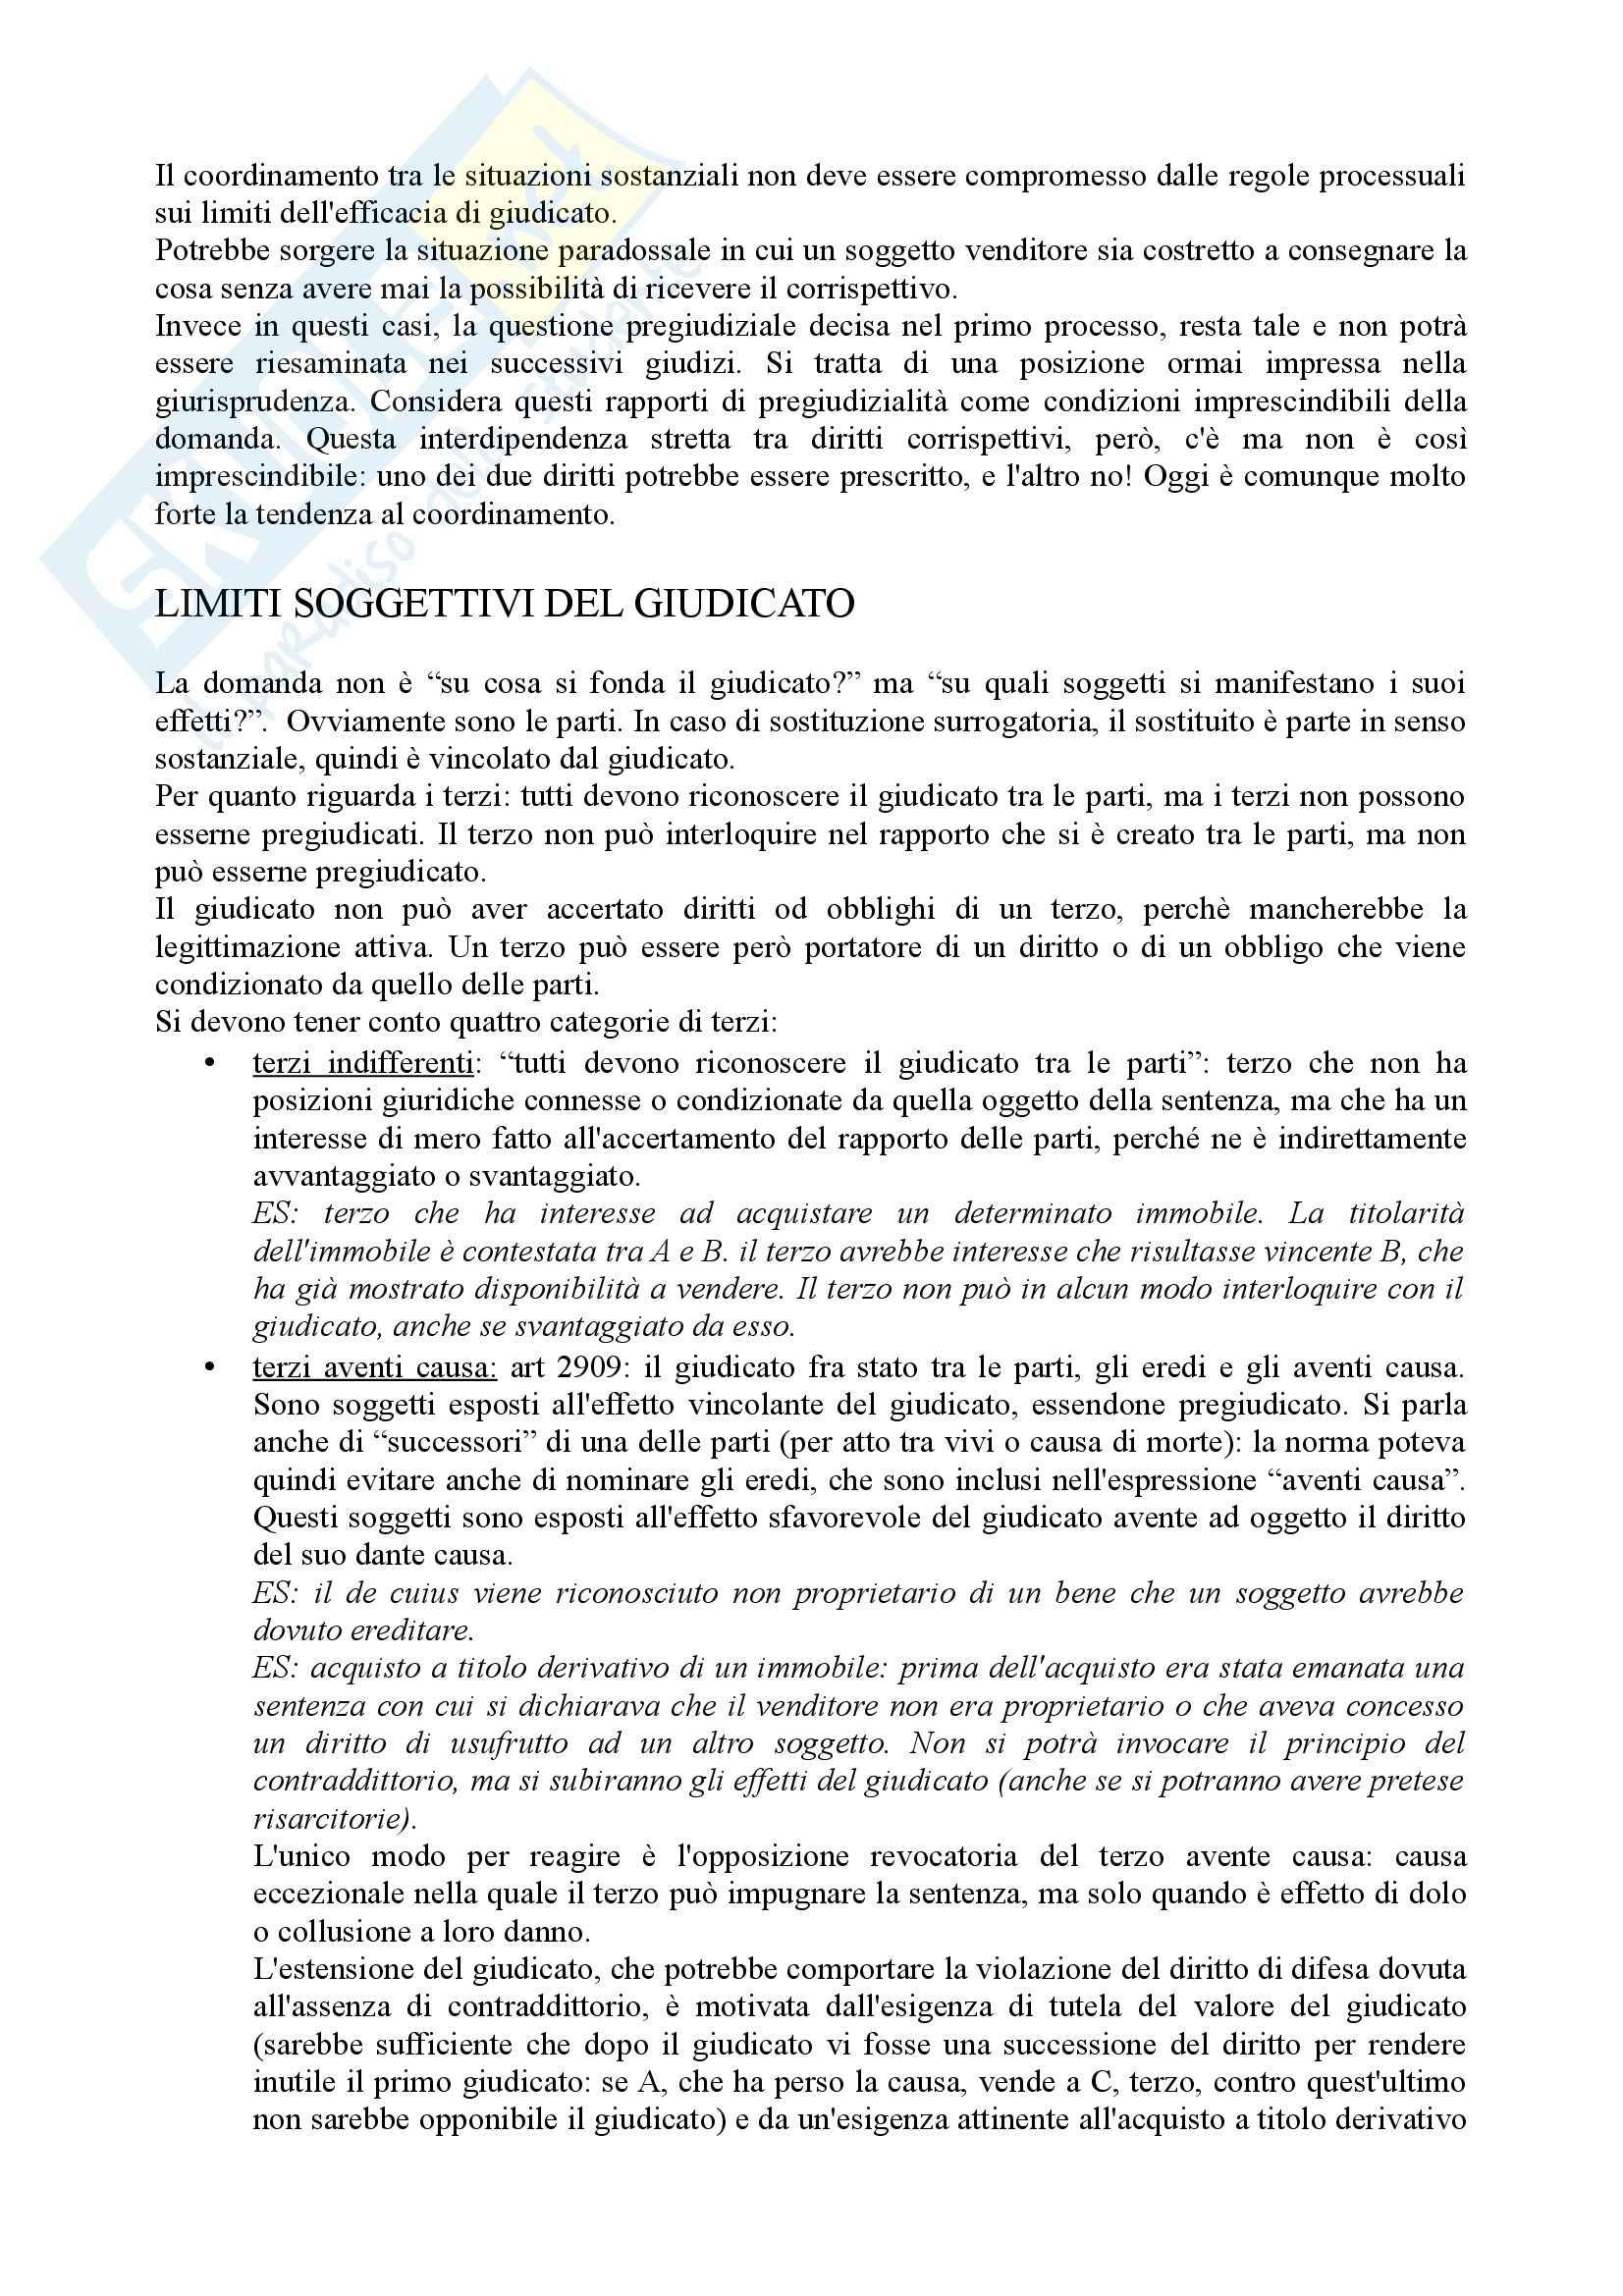 Diritto processuale civile - Appunti (parte 1) Pag. 21